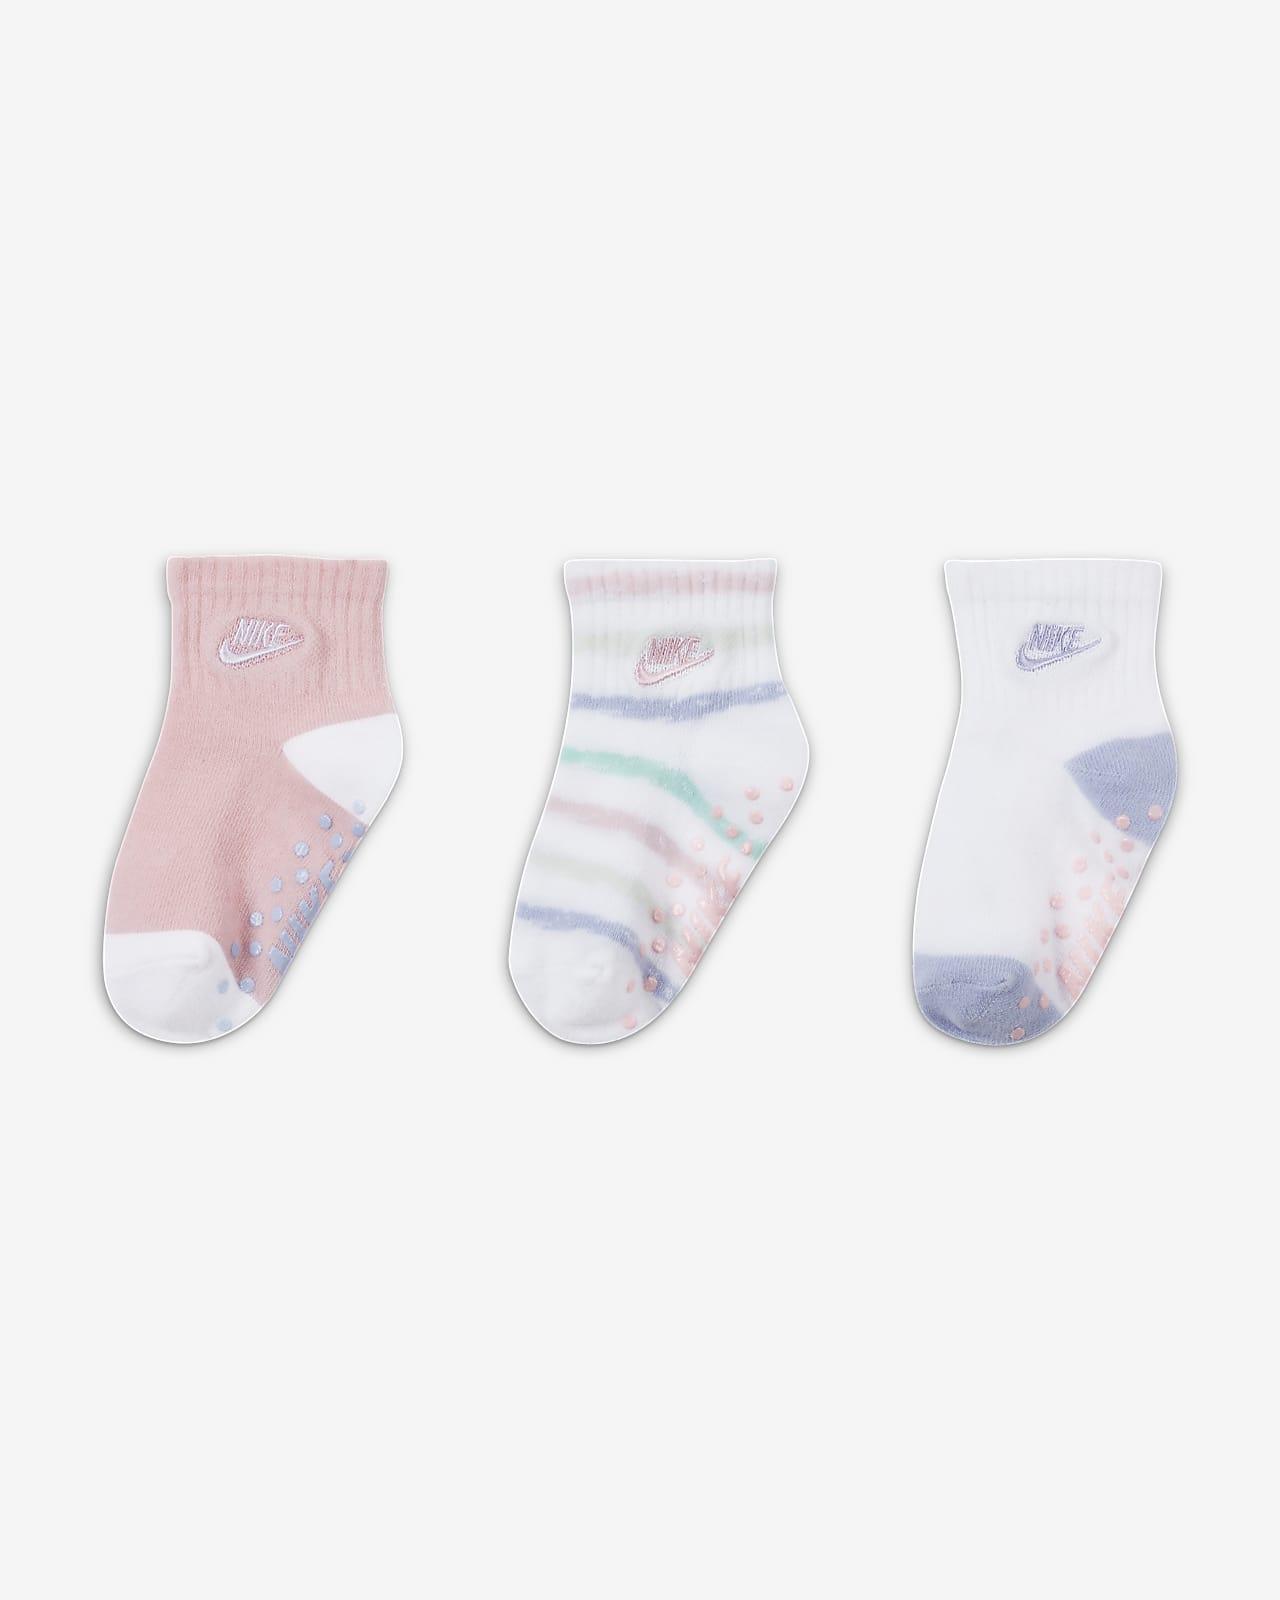 Nike Baby (12-24M) Tie-Dye Gripper Socks (3 Pairs)